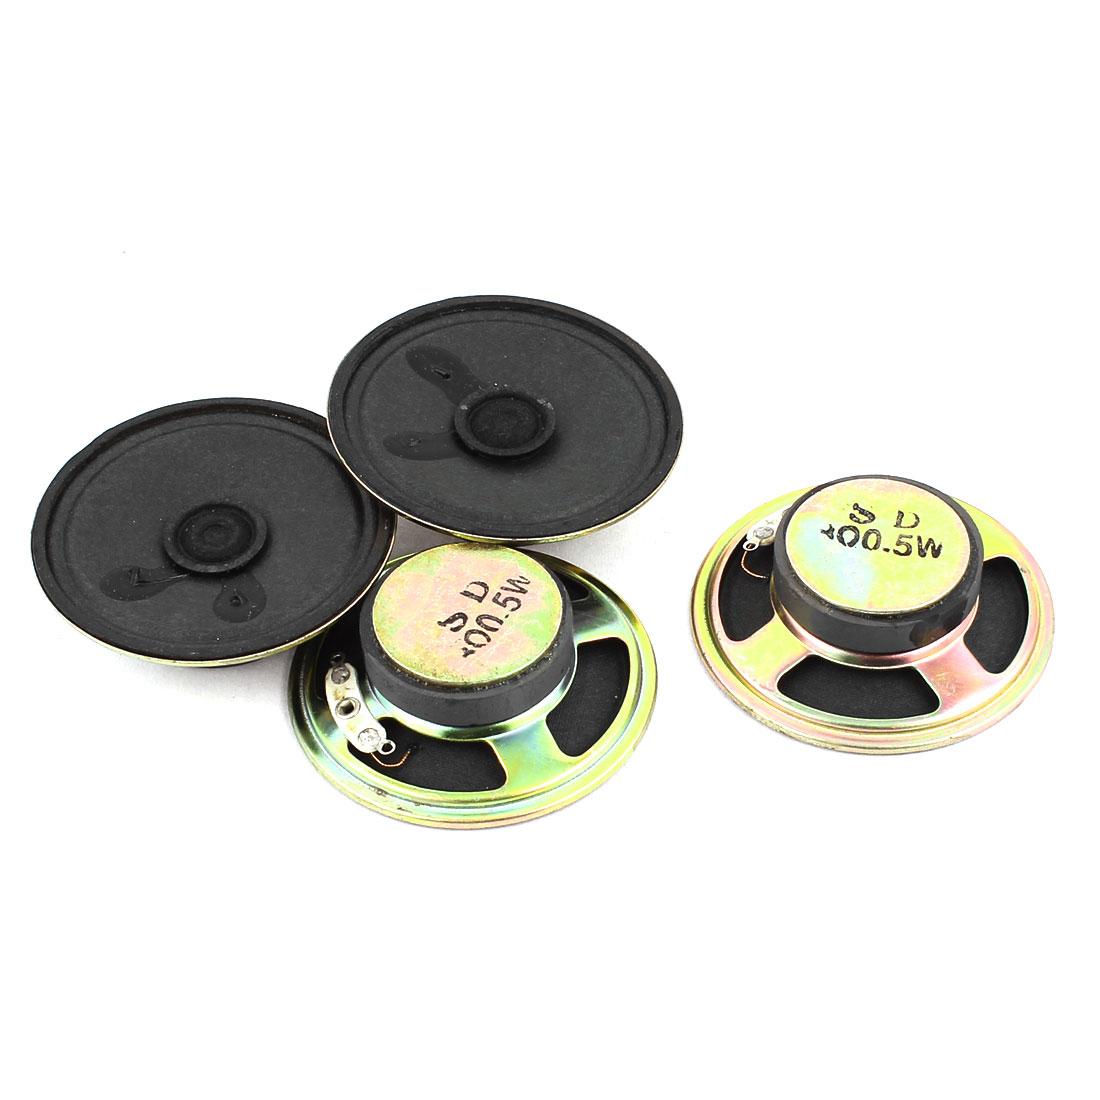 0.5W 57mm Diameter External Magnet Speaker Loudspeaker 4Pcs